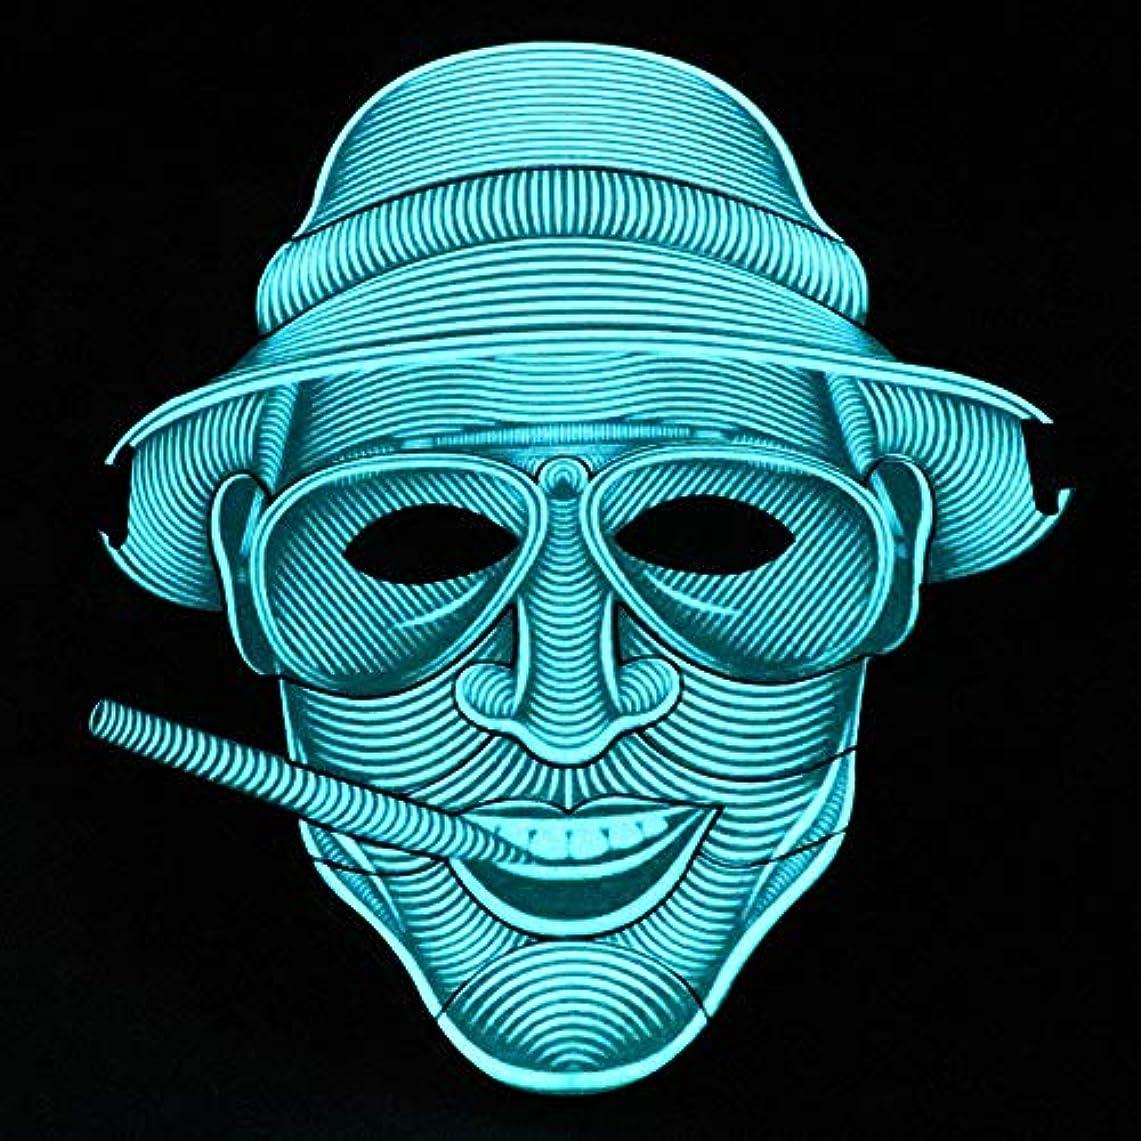 ちょっと待って鉱夫イブニング照らされたマスクLED創造的な冷光音響制御マスクハロウィンバーフェスティバルダンスマスク (Color : #12)